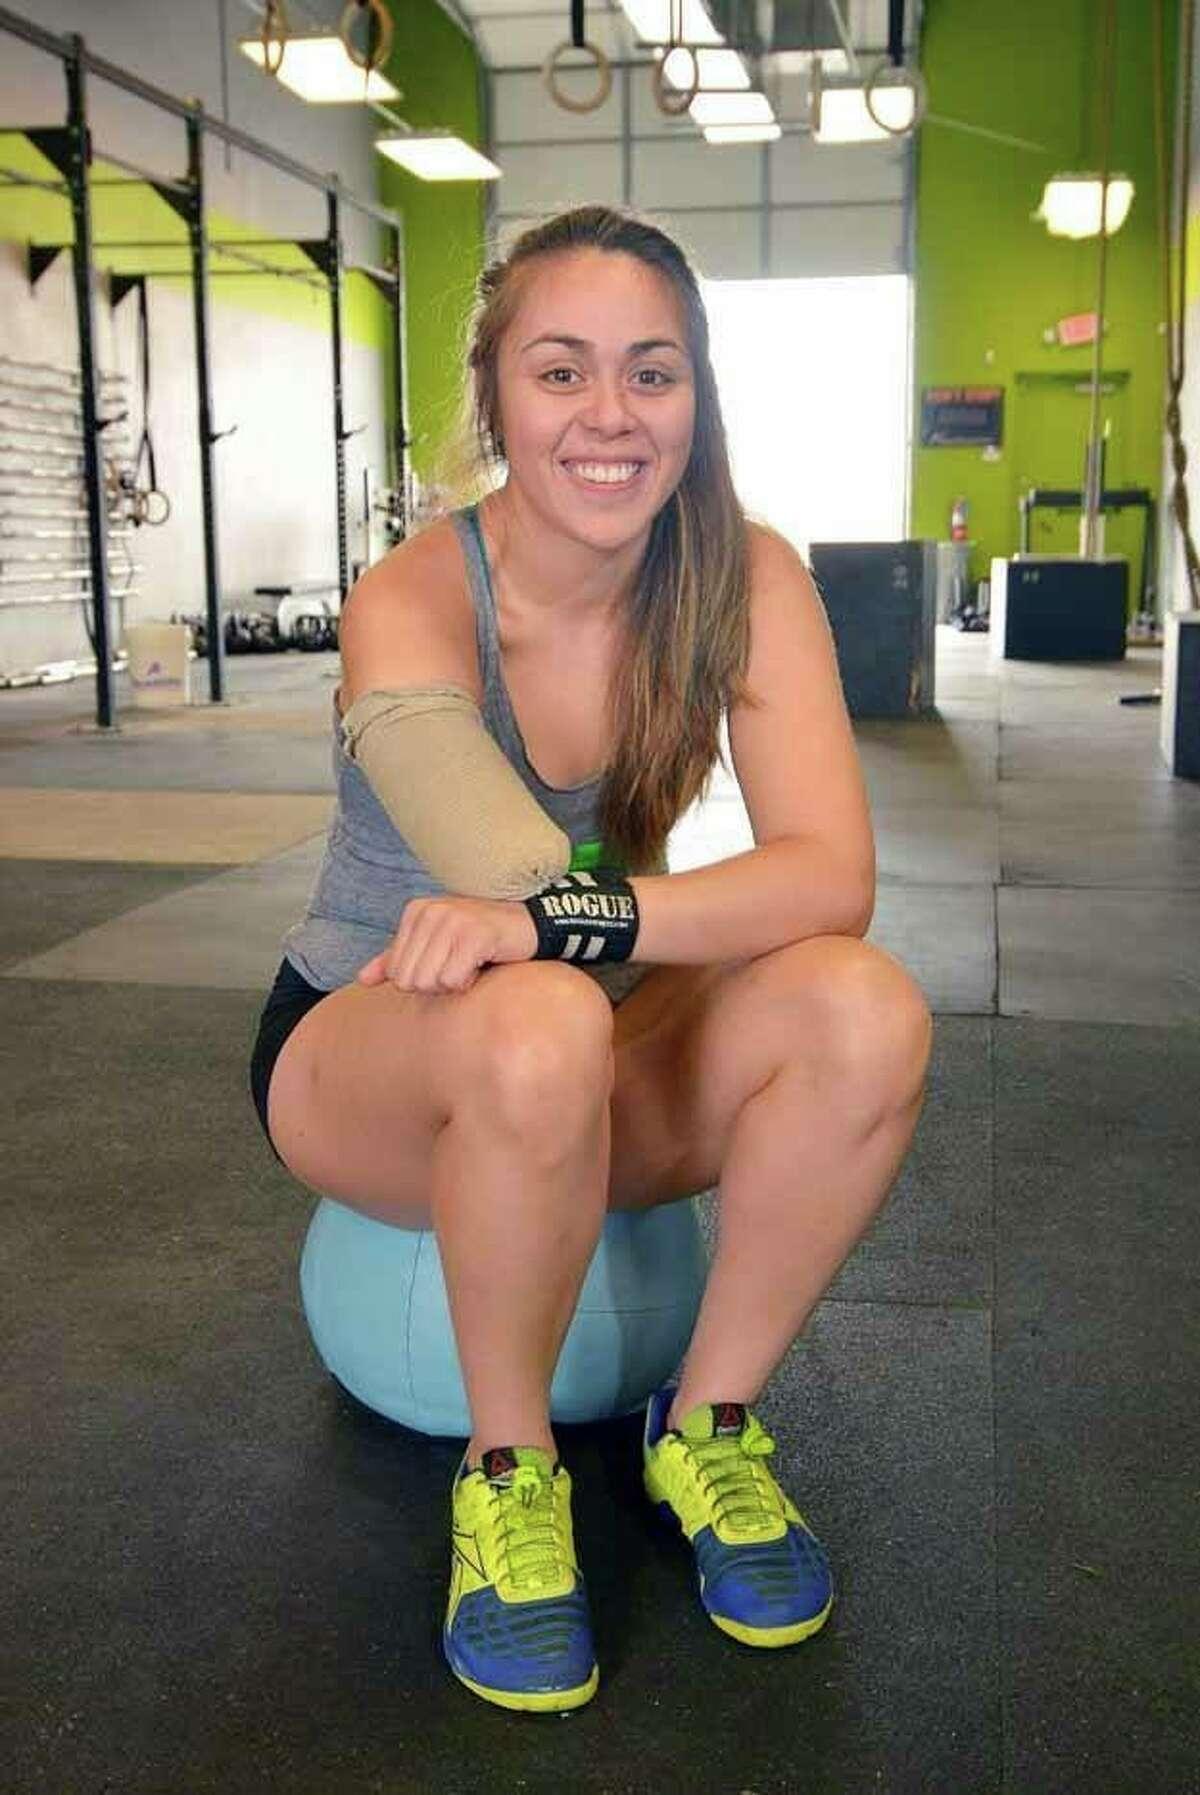 Krystal Cantu, a 25-year-old CrossFit athlete from San Antonio.